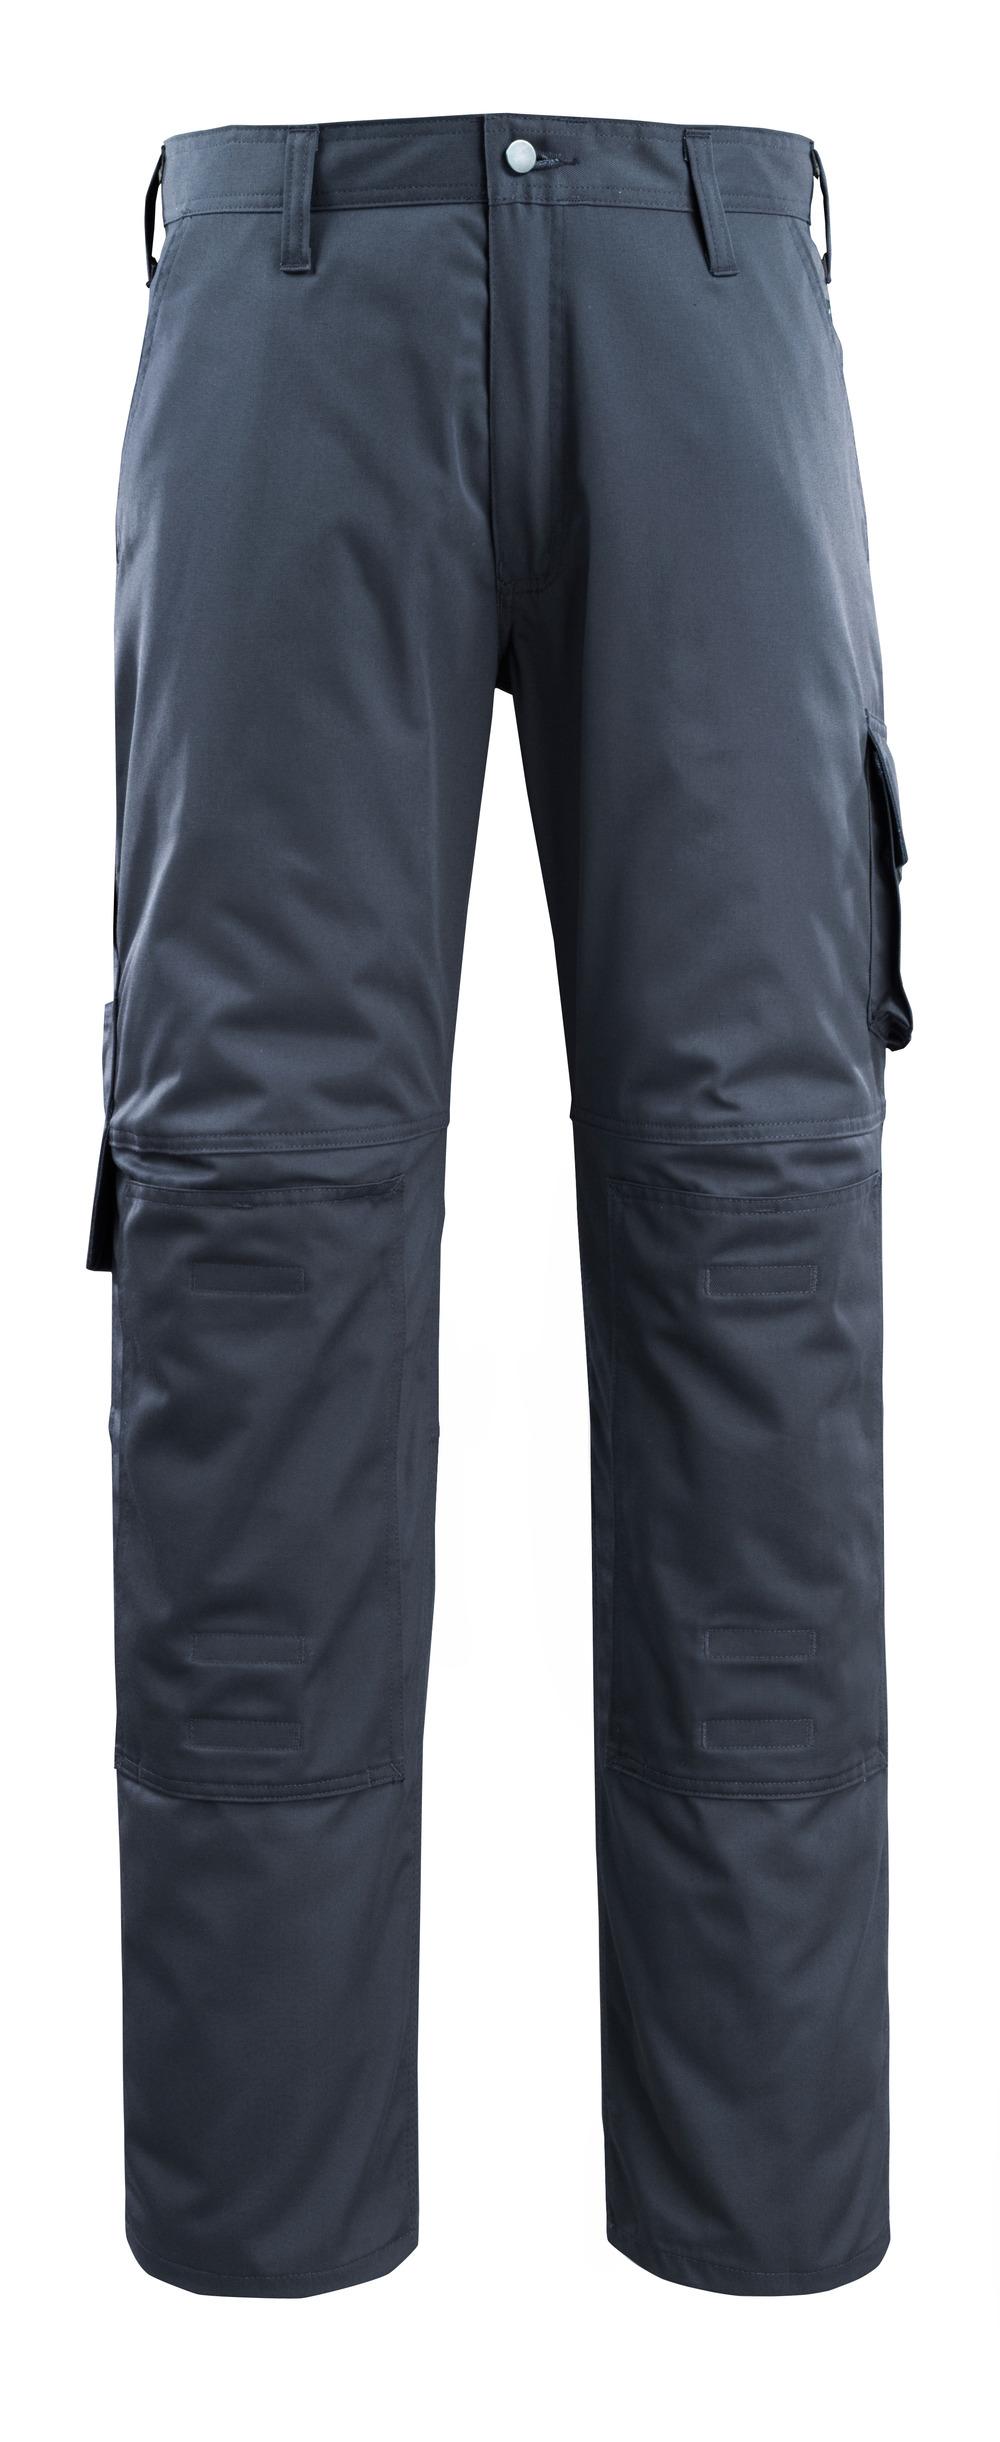 14379-850-010 Pantaloni con tasche porta-ginocchiere - blu navy scuro